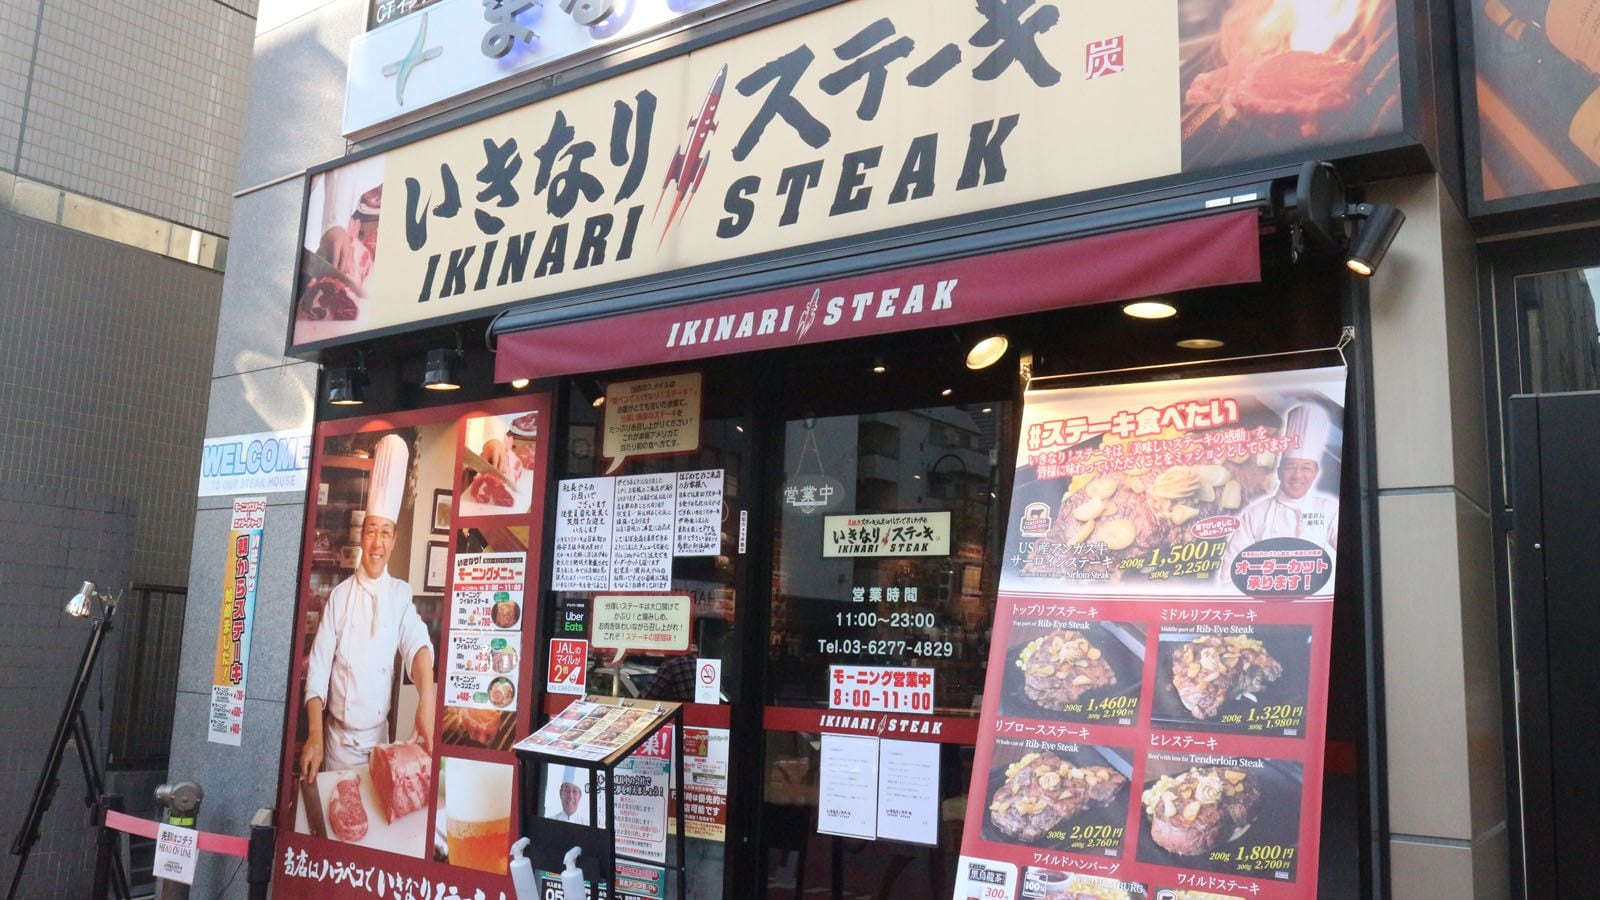 いきなりステーキ閉店店舗一覧 74